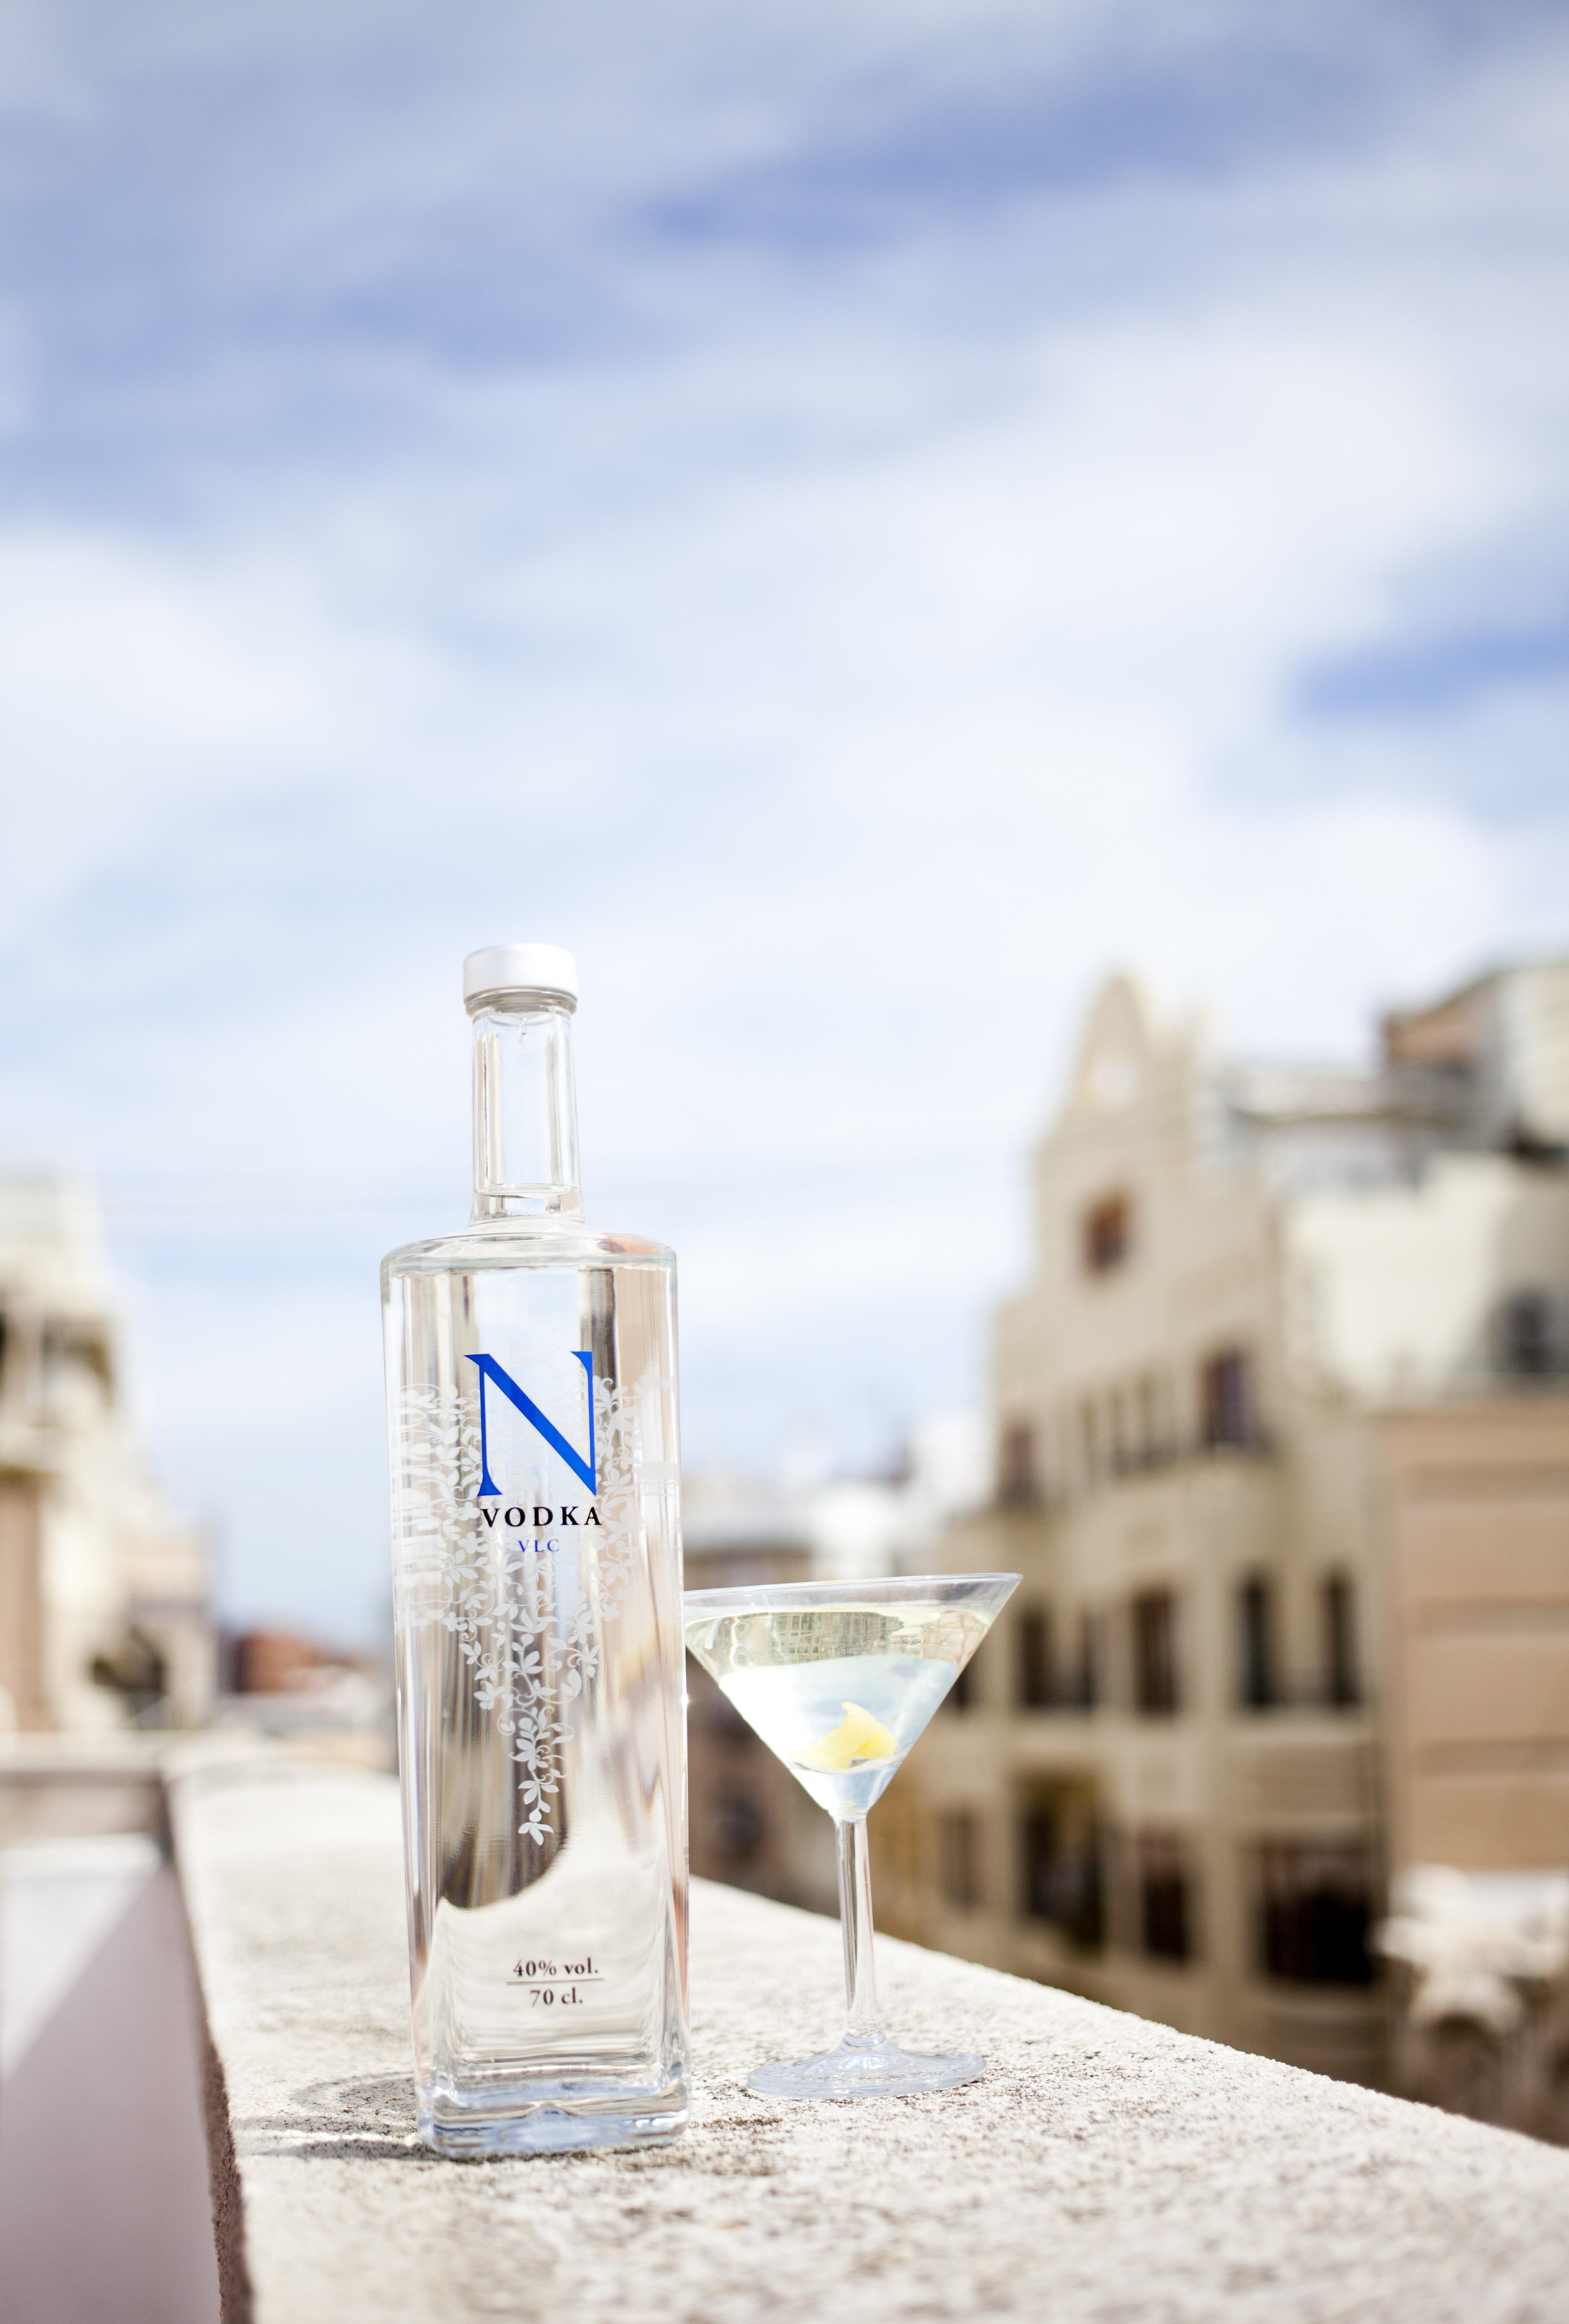 n vodka vlc